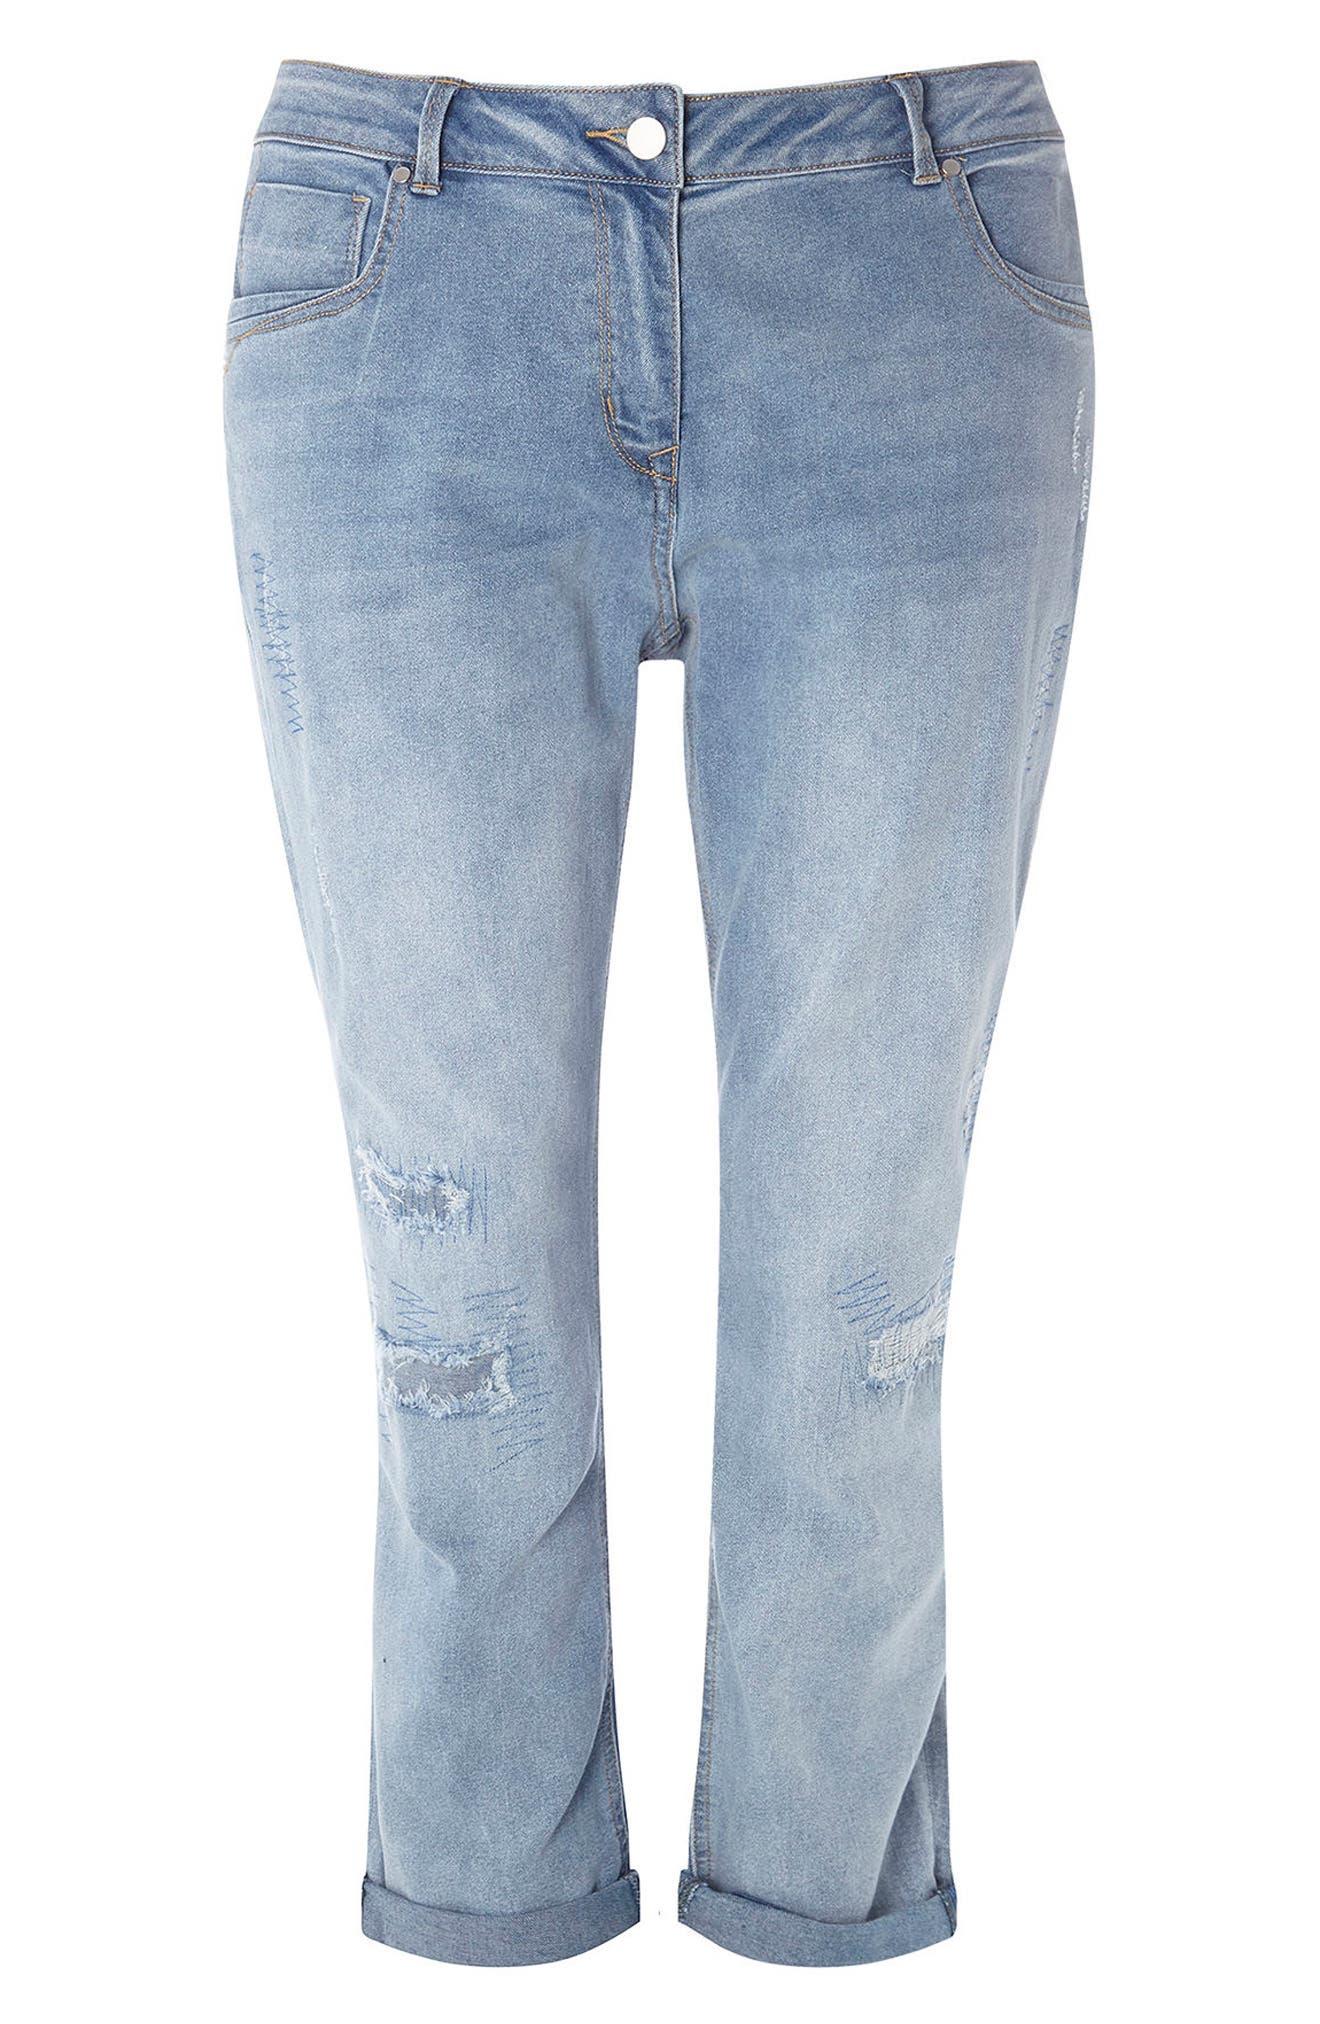 EVANS Repaired Boyfriend Jeans